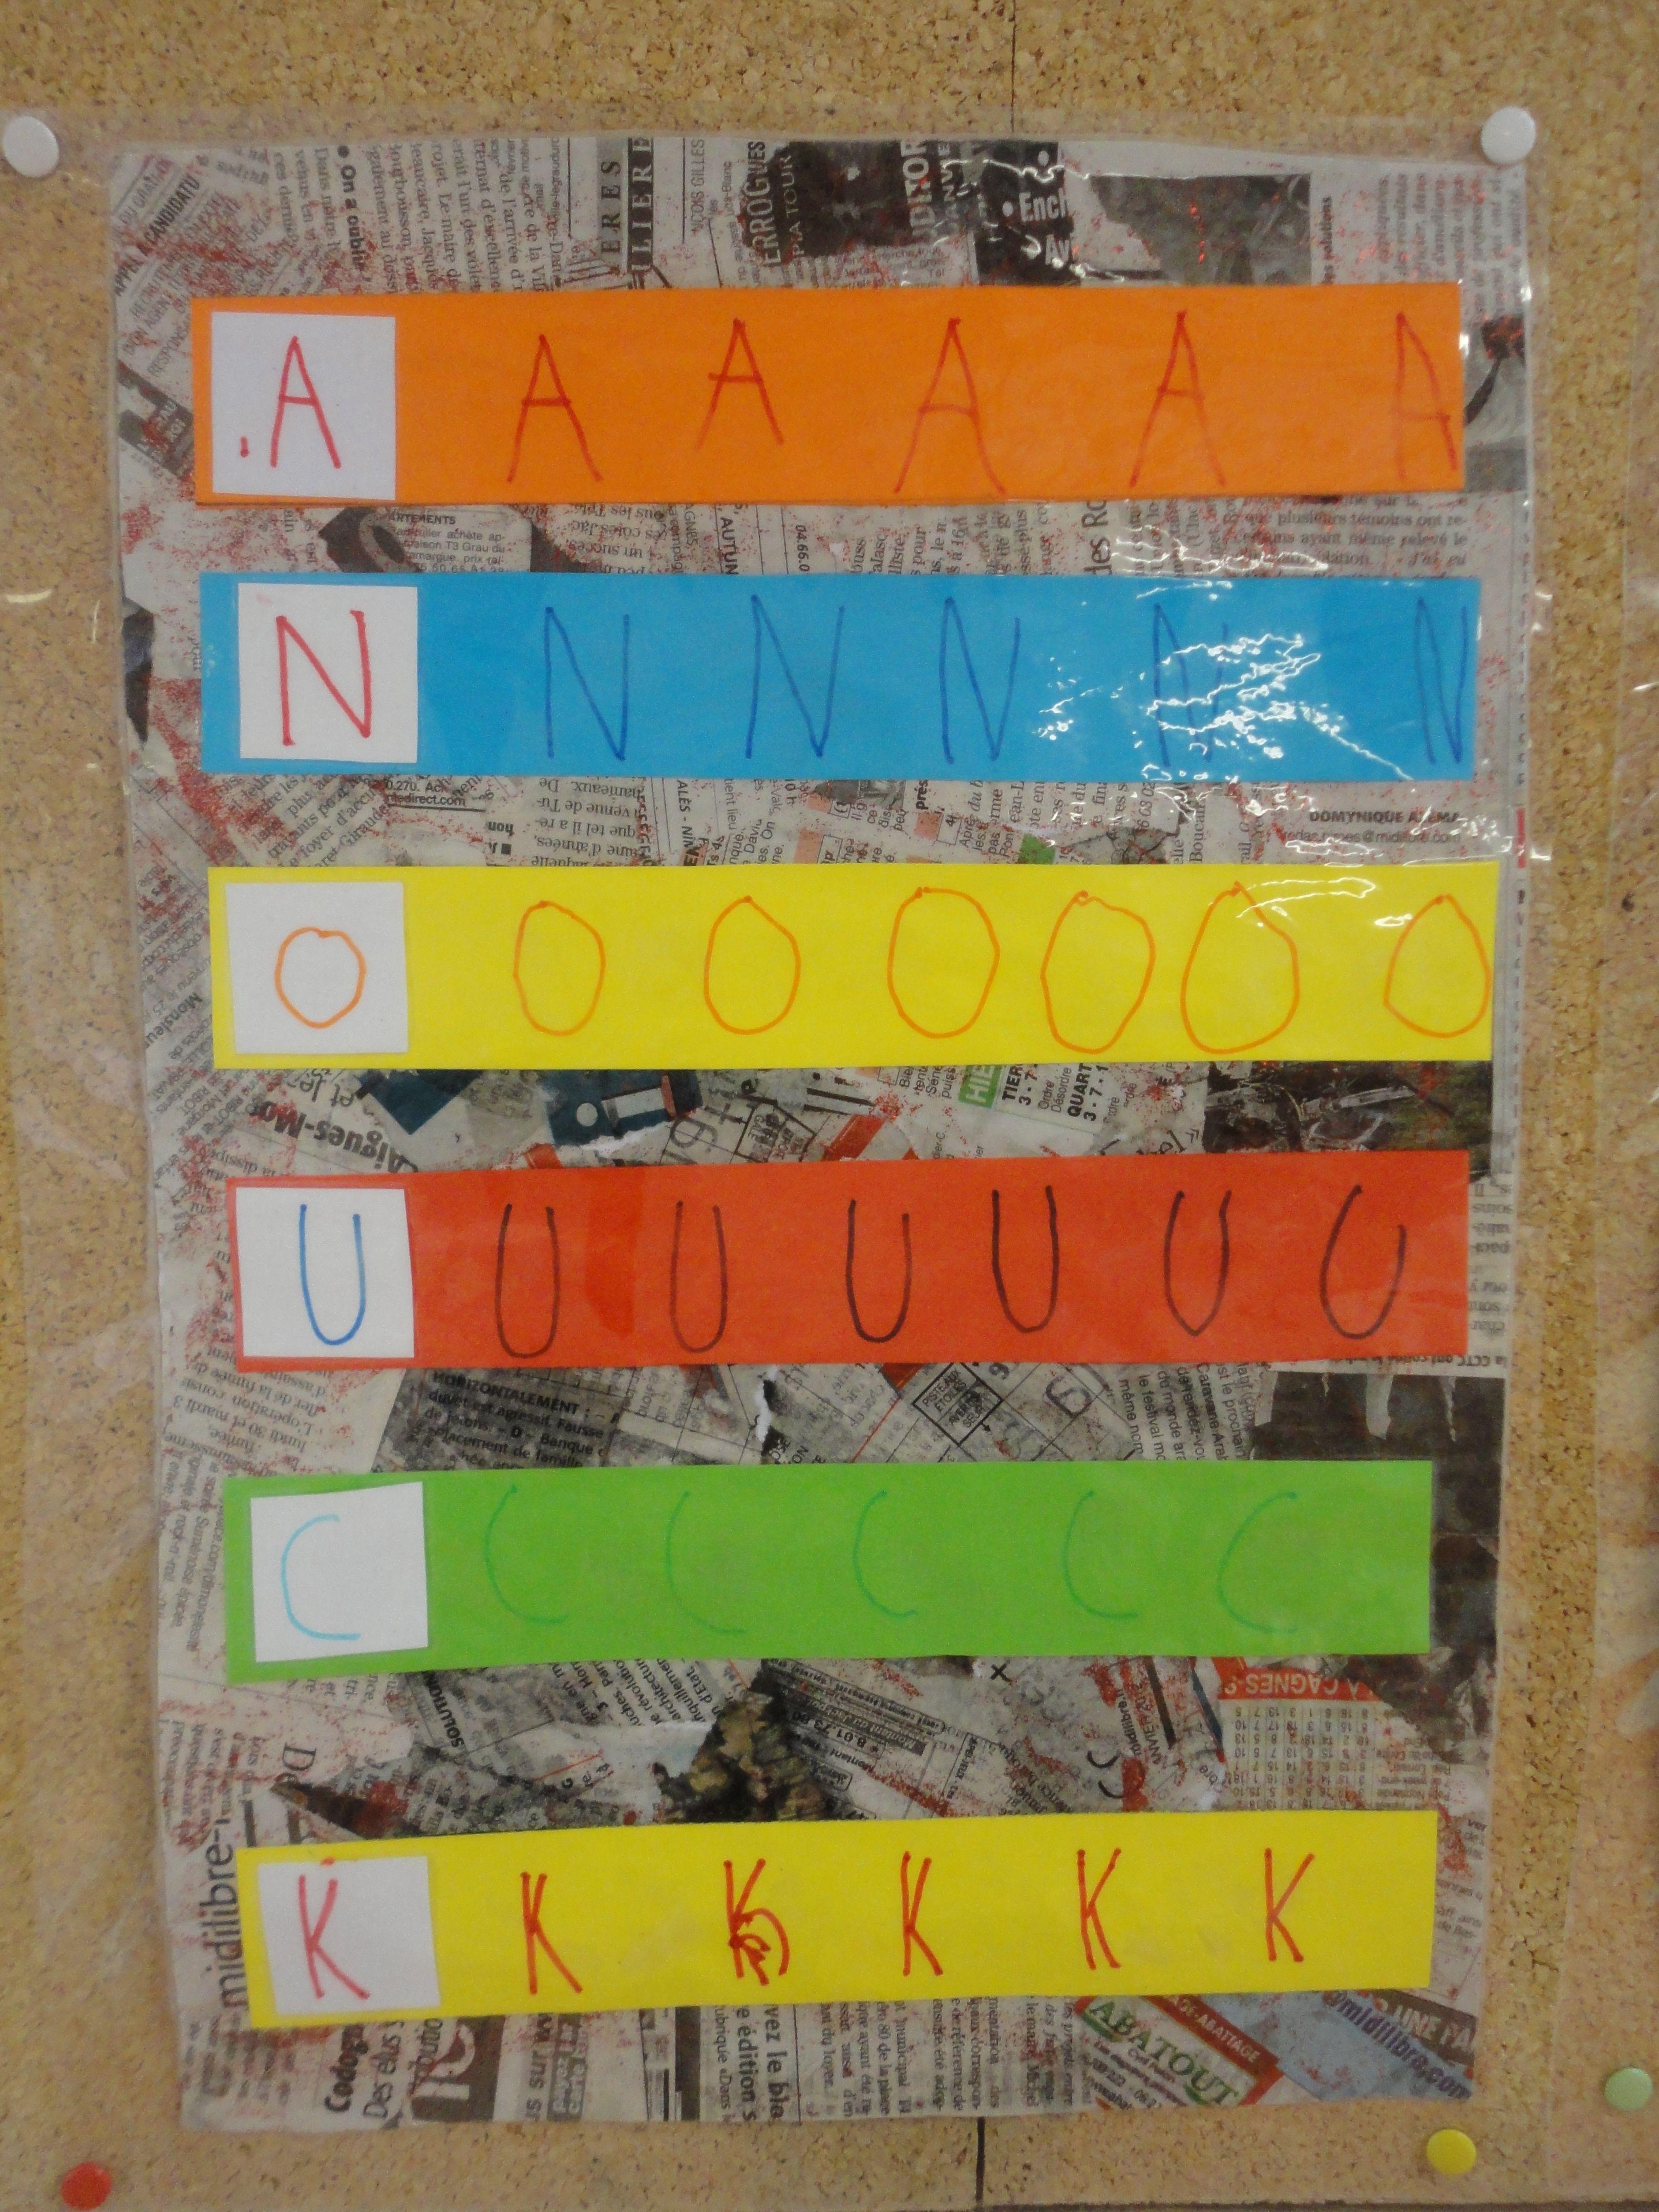 Travail autour du prénom# en maternelle#. Chaque bande de papier de couleur contient la même lettre répétée plusieurs fois en écriture. Les bandes sont ensuite collées les unes en dessous des autres pour former le prénom à la verticale. Sur fond de papier journal déchiré et collé. On pourrait aussi imaginer de coller les bandes sur une feuille de papier aluminium, pour un côté brillant atrrayant !